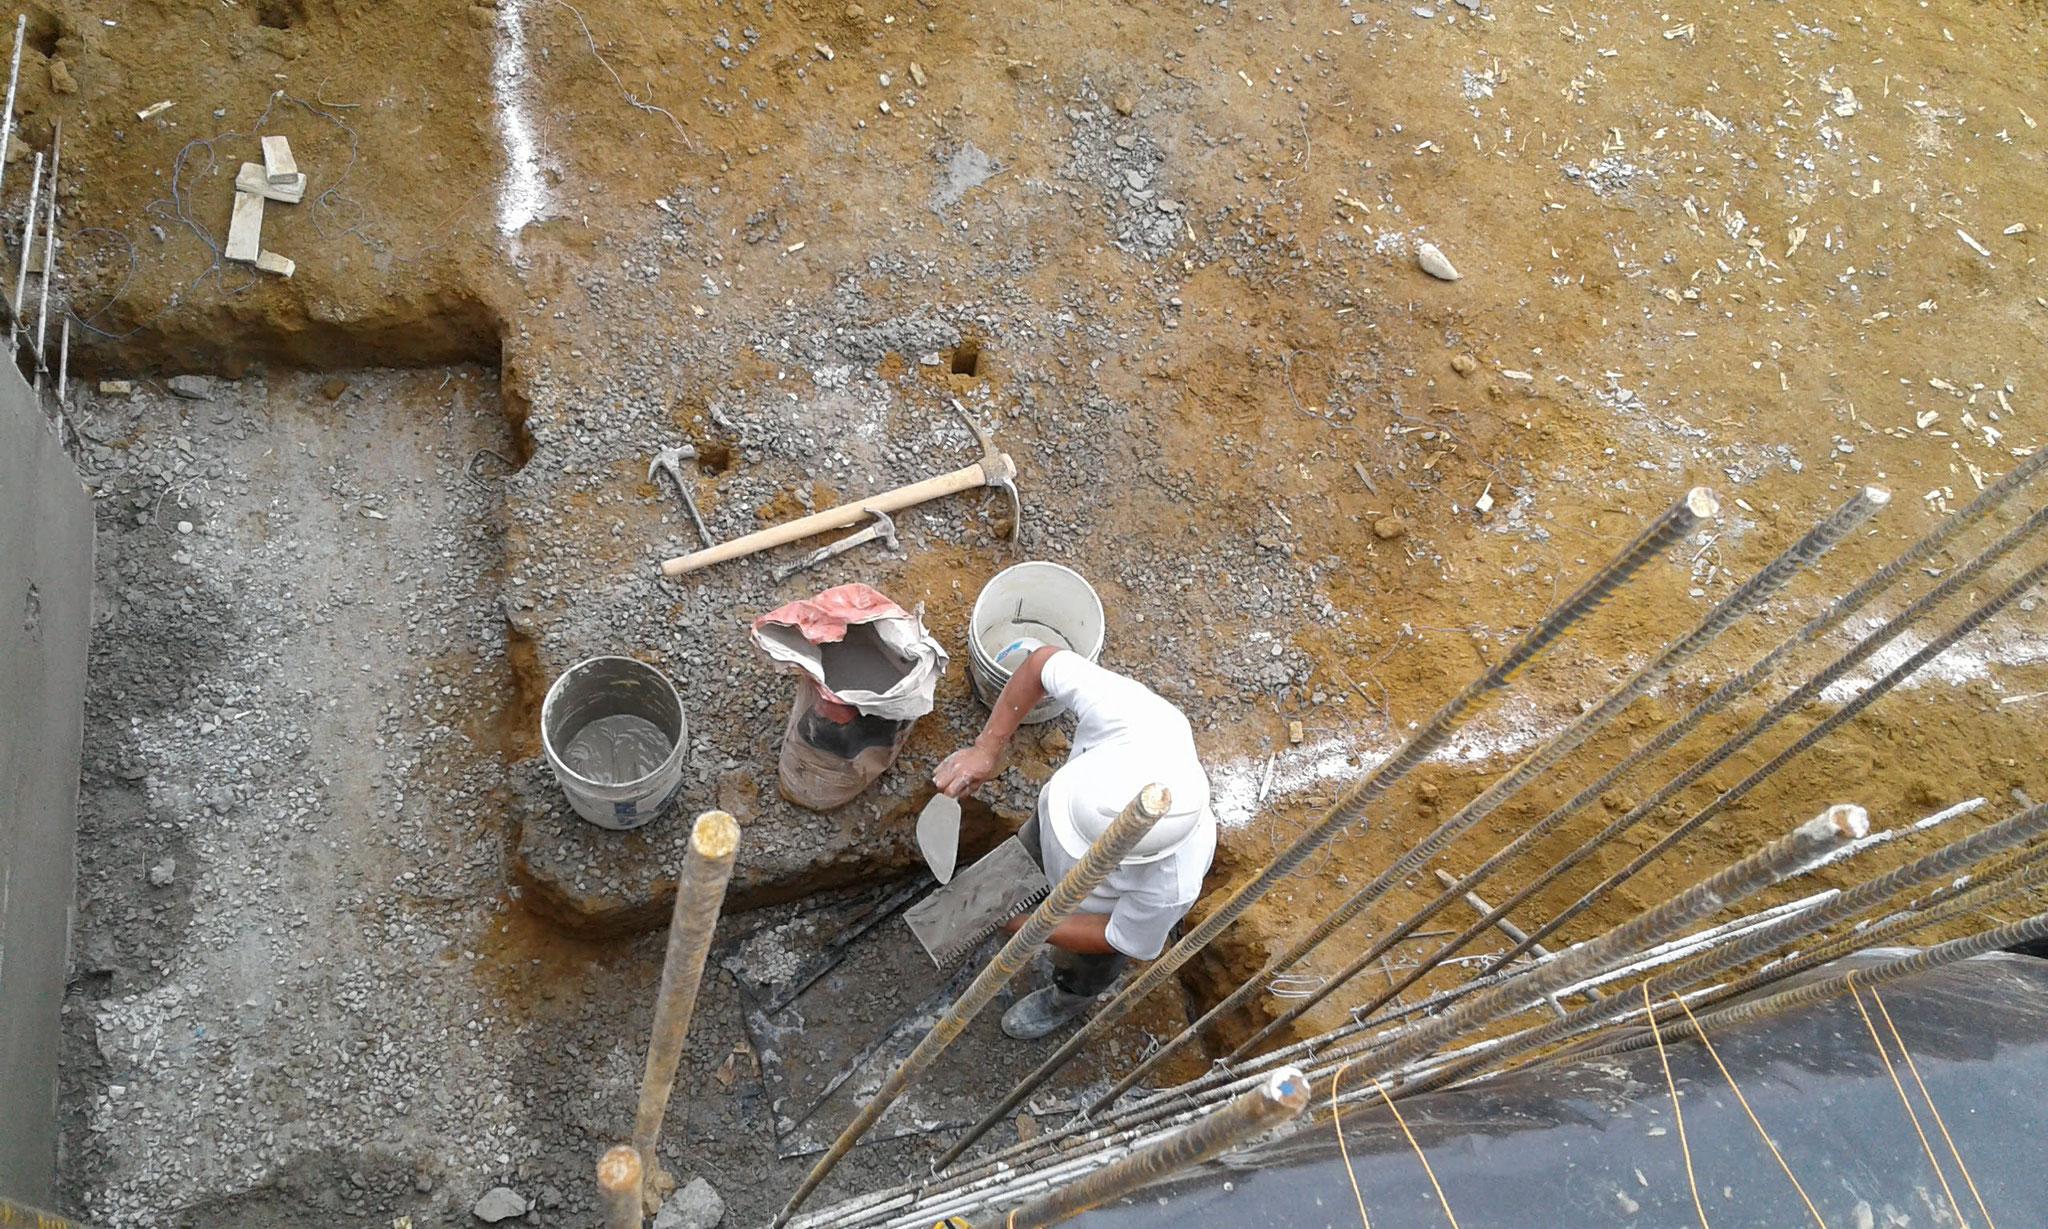 die Eisenstäbe werden gerichtet und gefestigt